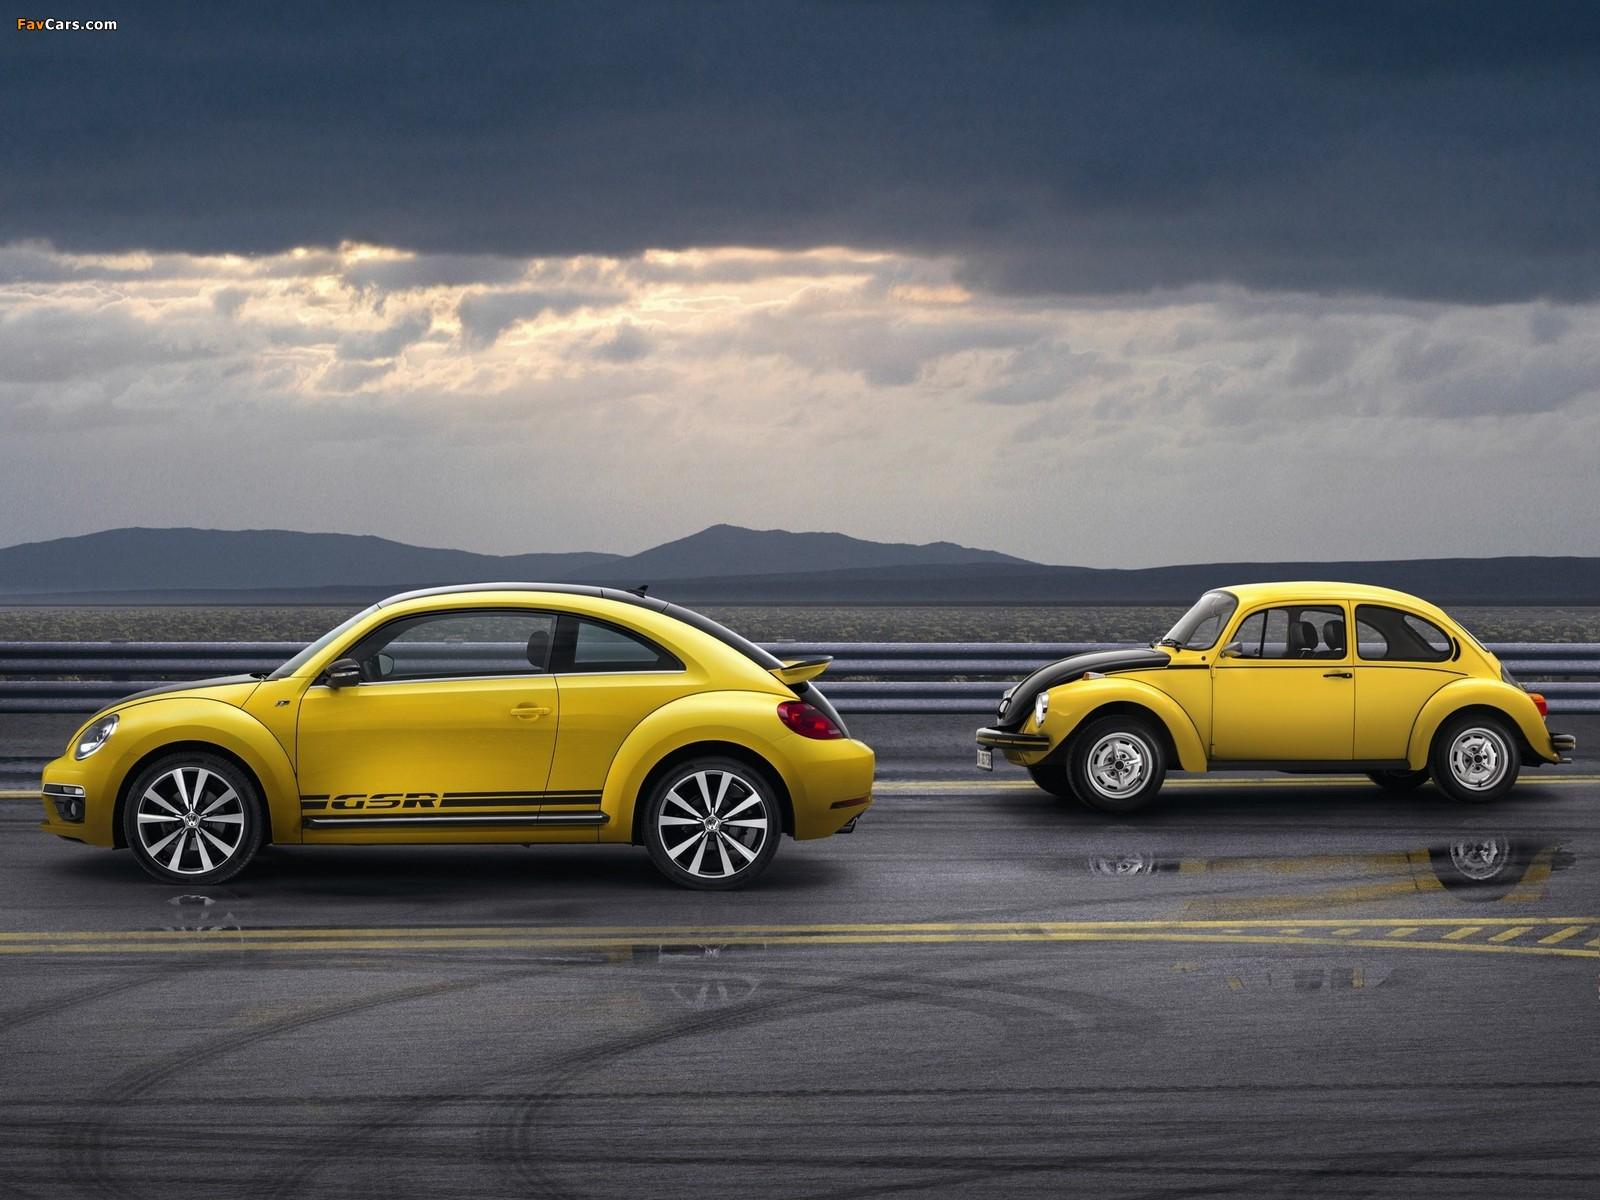 Volkswagen Beetle / Käfer photos (1600 x 1200)